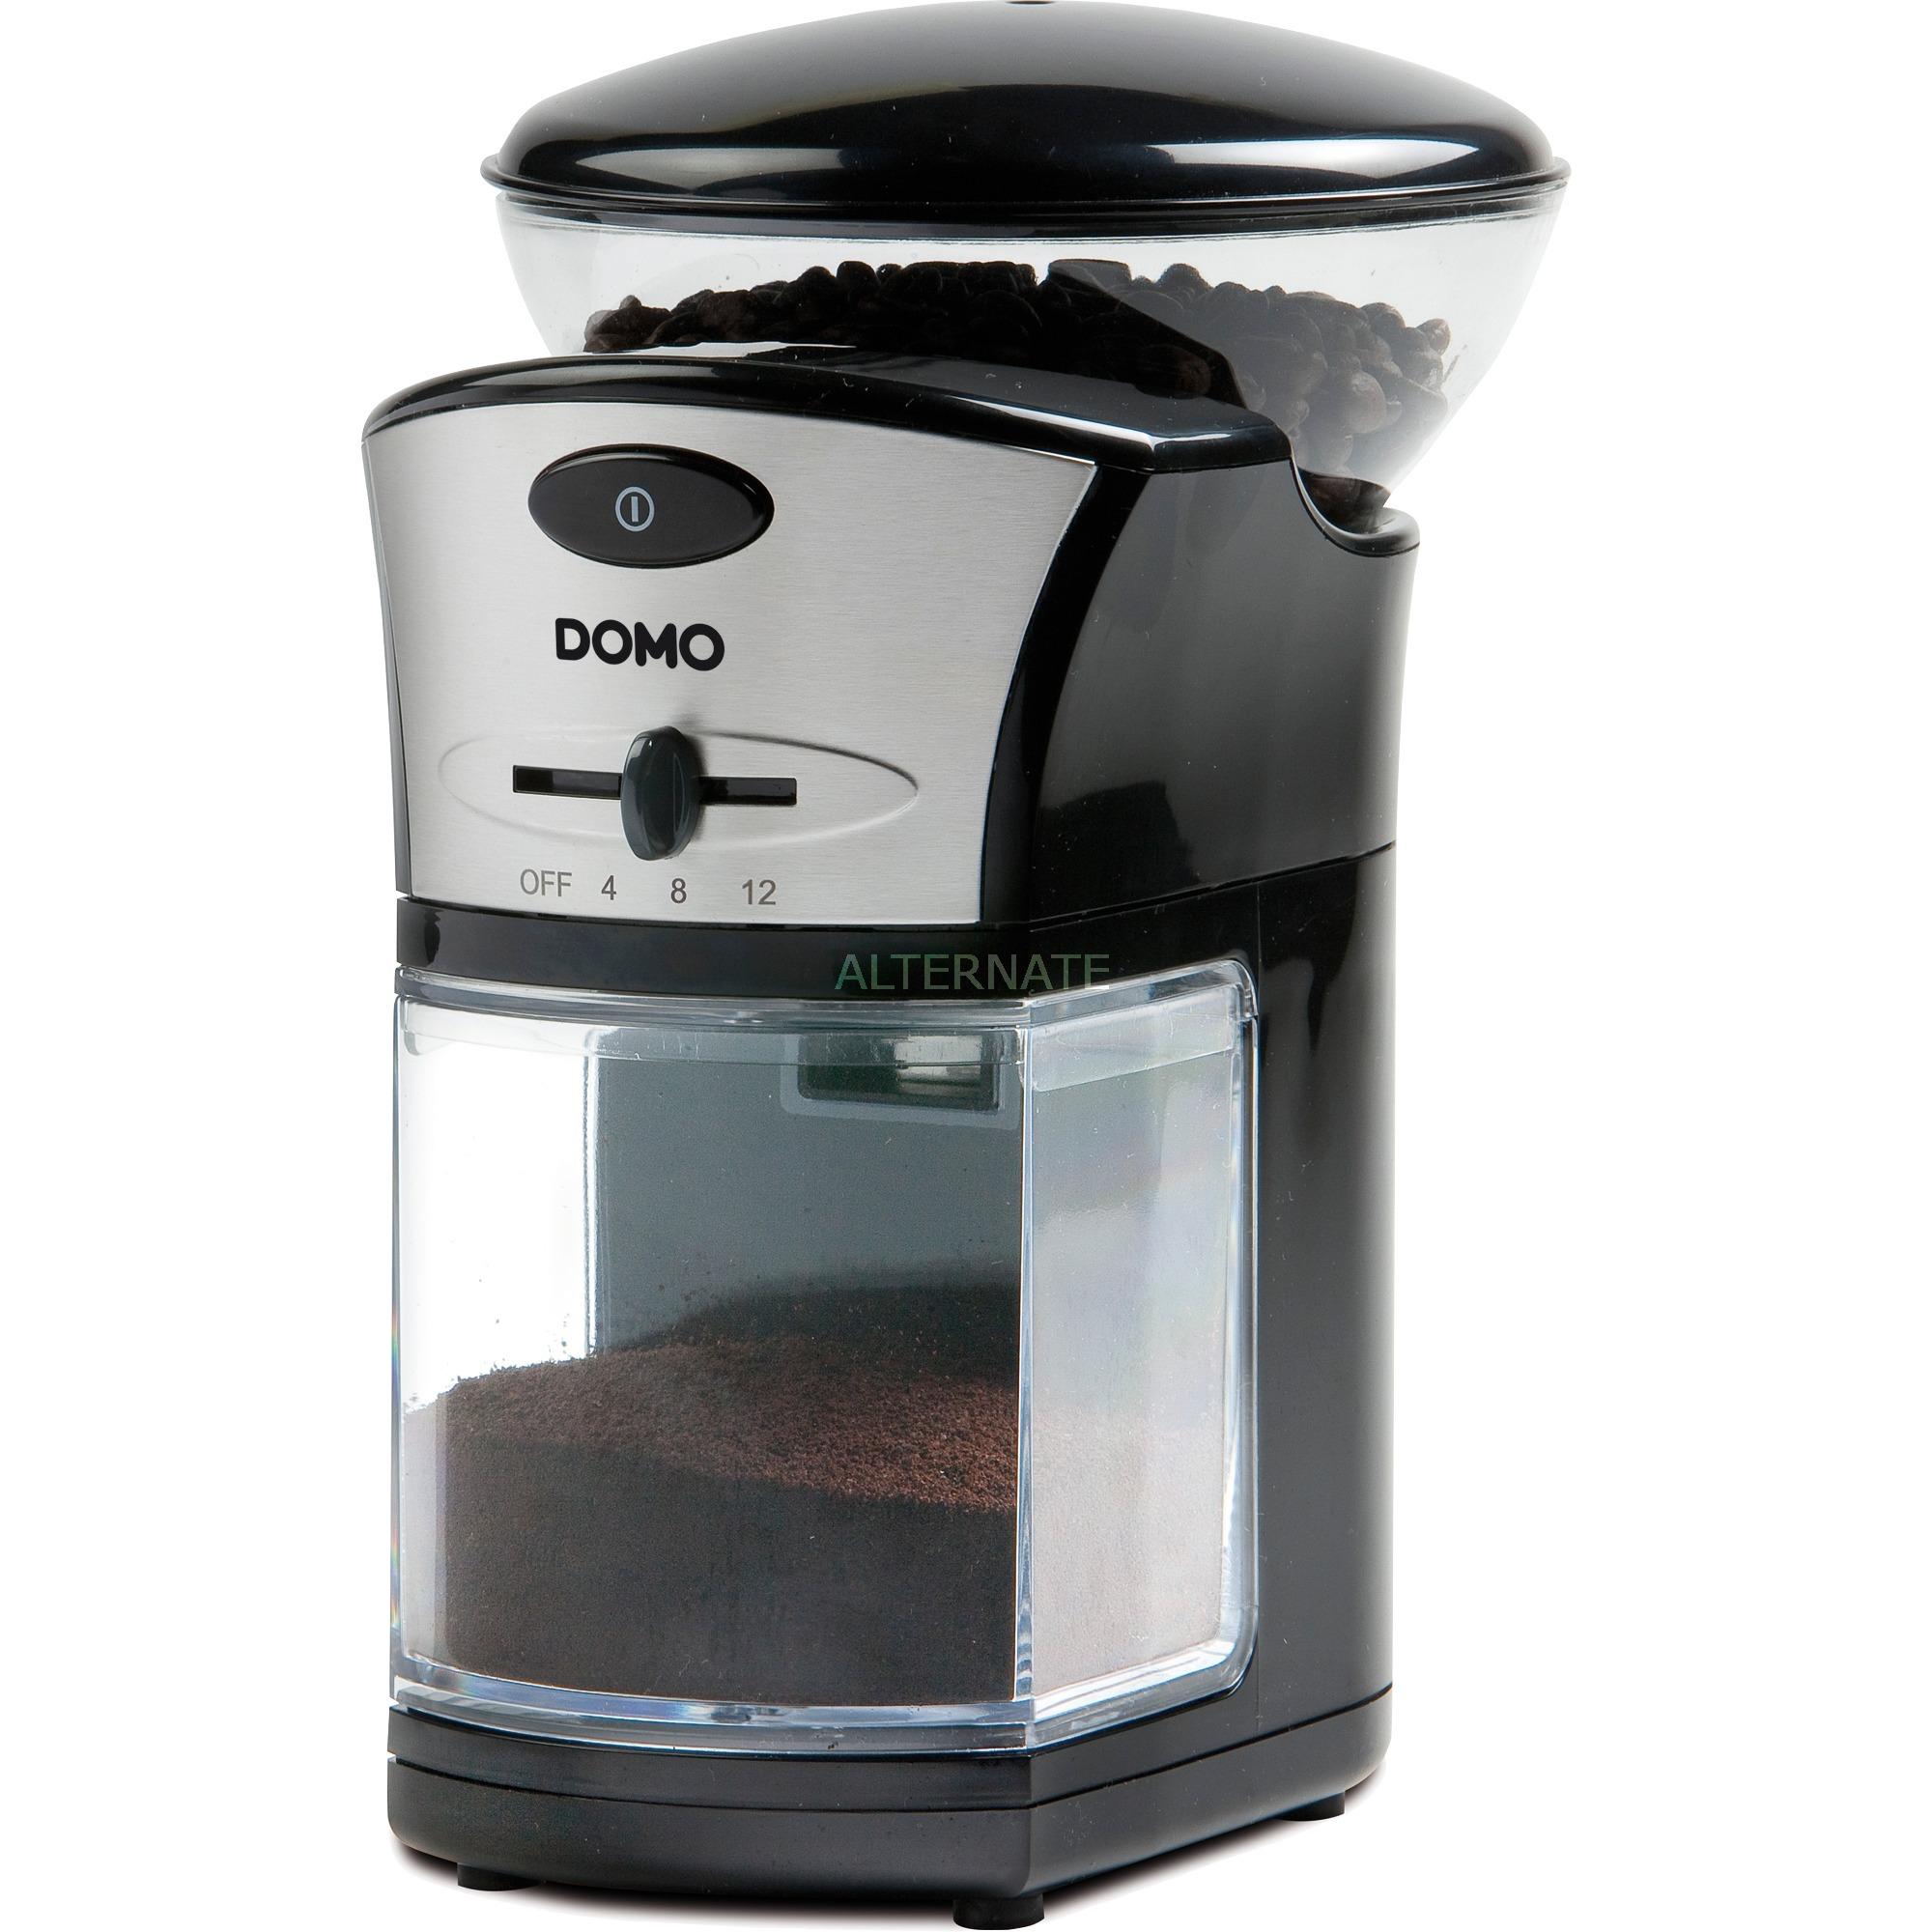 DO442KM Molinillo 100W Negro, Plata molinillo de café